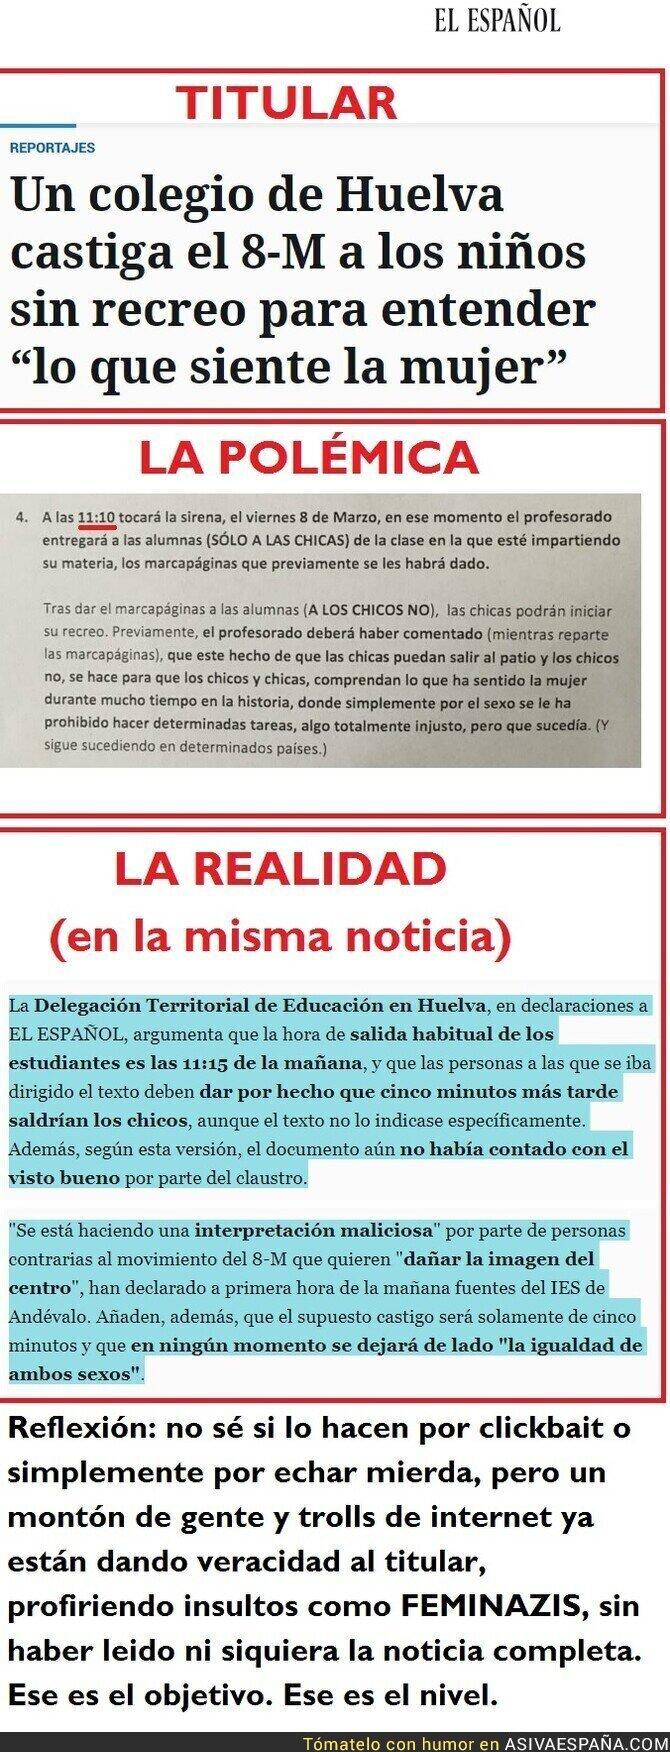 106042 - NO, ningún niño será castigado sin recreo en Huelva el día de la mujer. Fake News es tres actos en el digital de Pedro J. Ramírez.